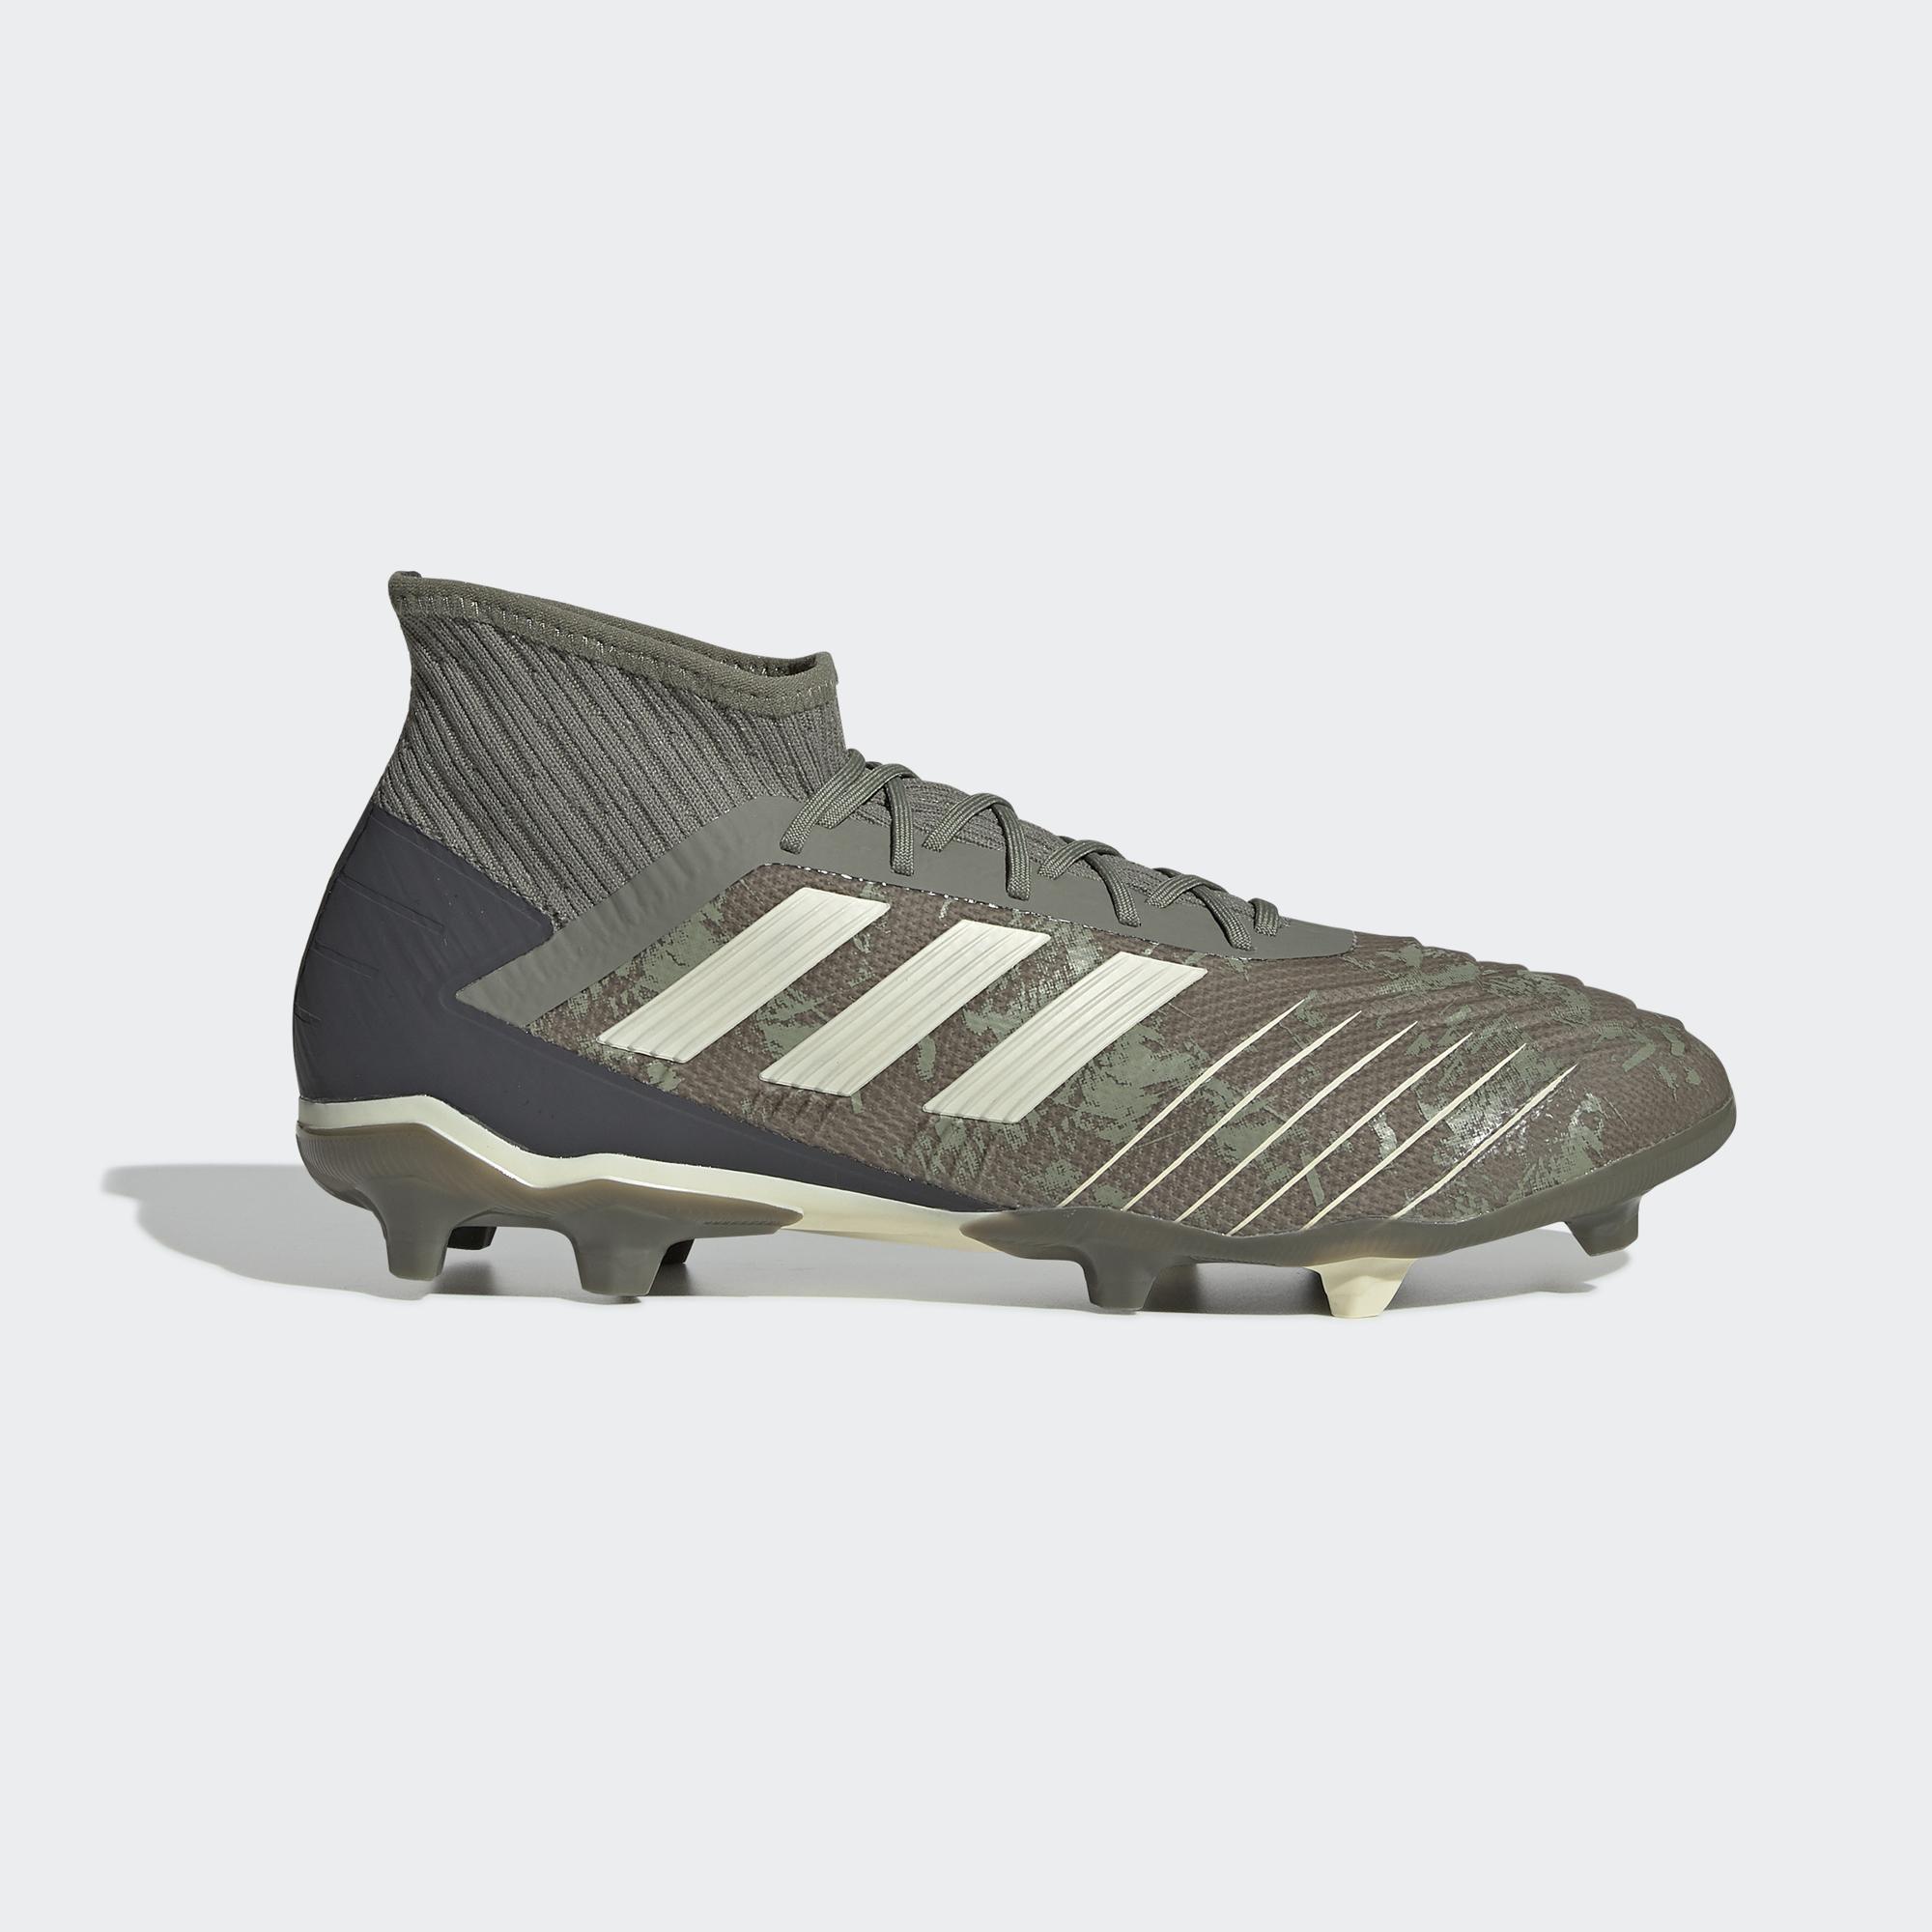 Adidas Scarpe Calcio Predator 19.2 Fg